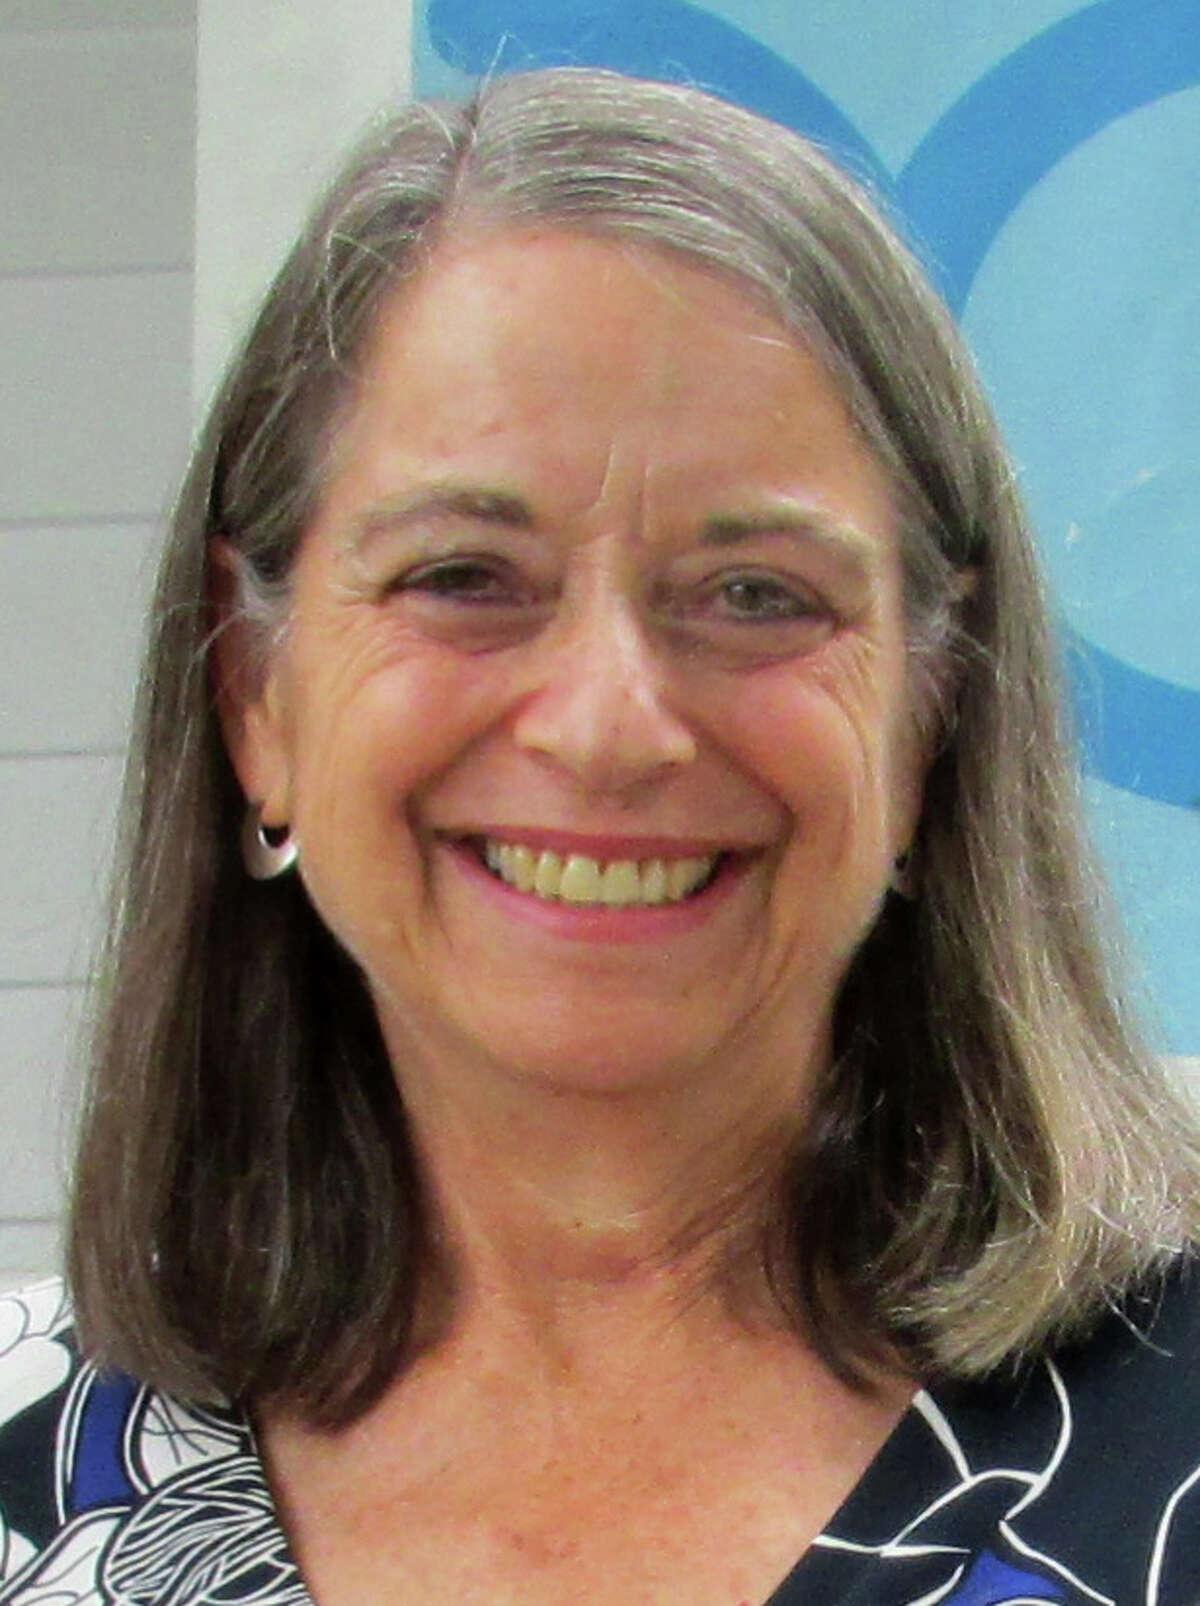 Sherry Perlstein